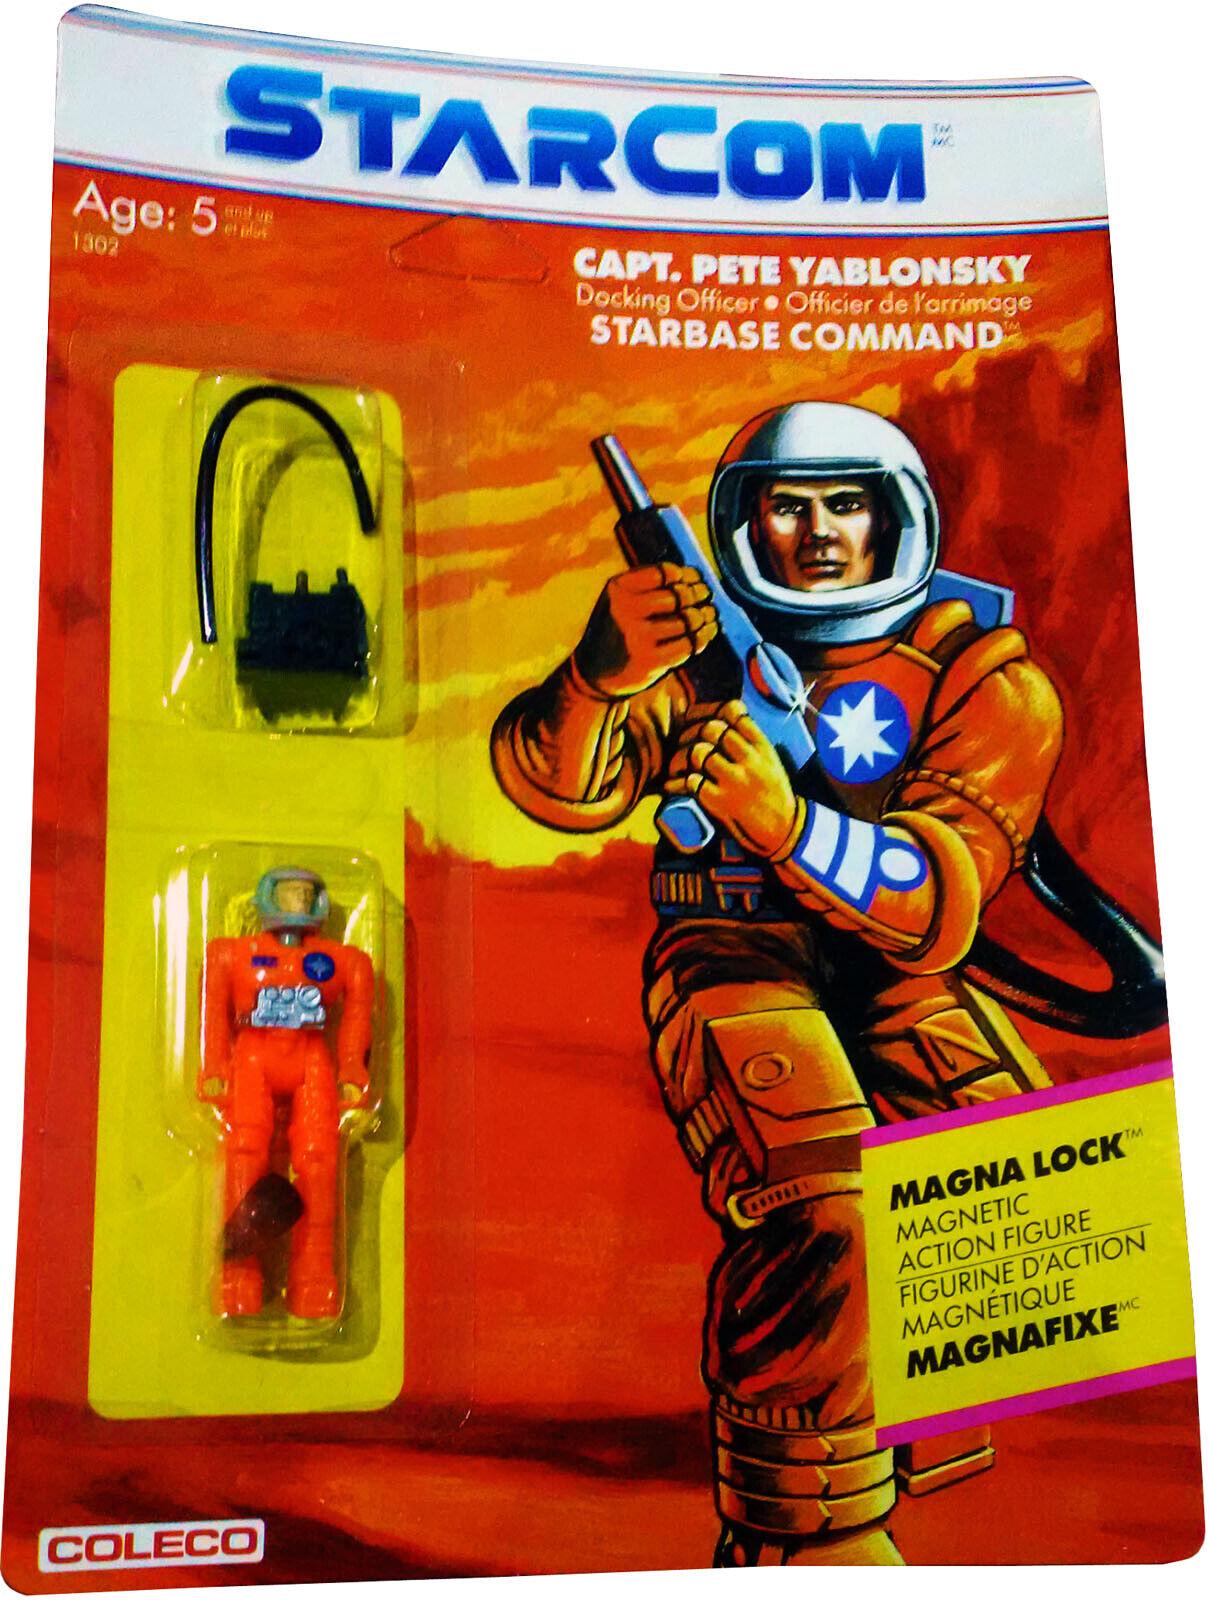 Pete Yablonsky coleco STARCOM 1986 figure Capt